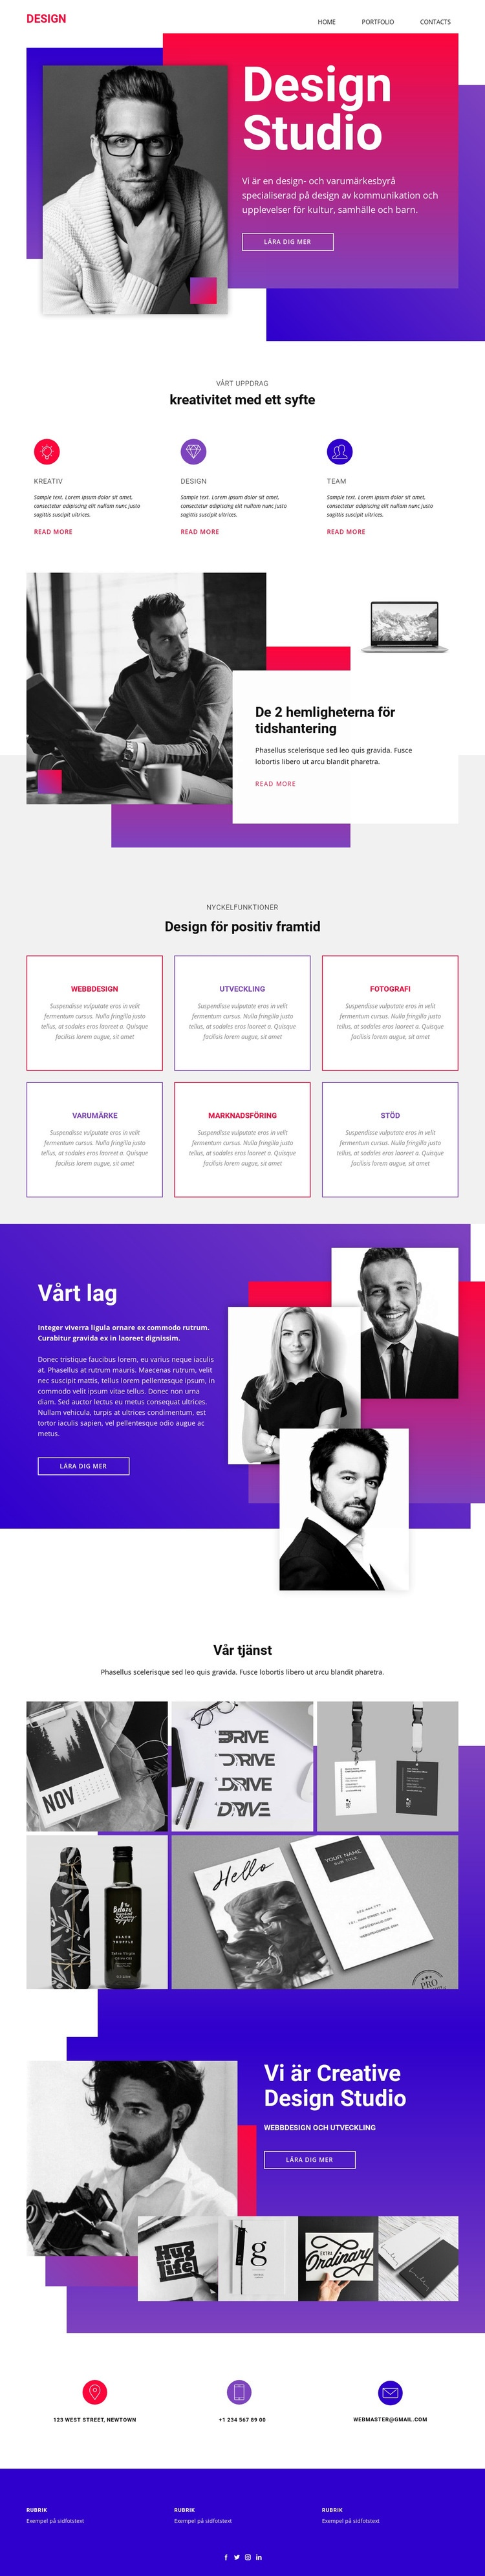 Stora idéer och exceptionellt utförande Webbplats mall